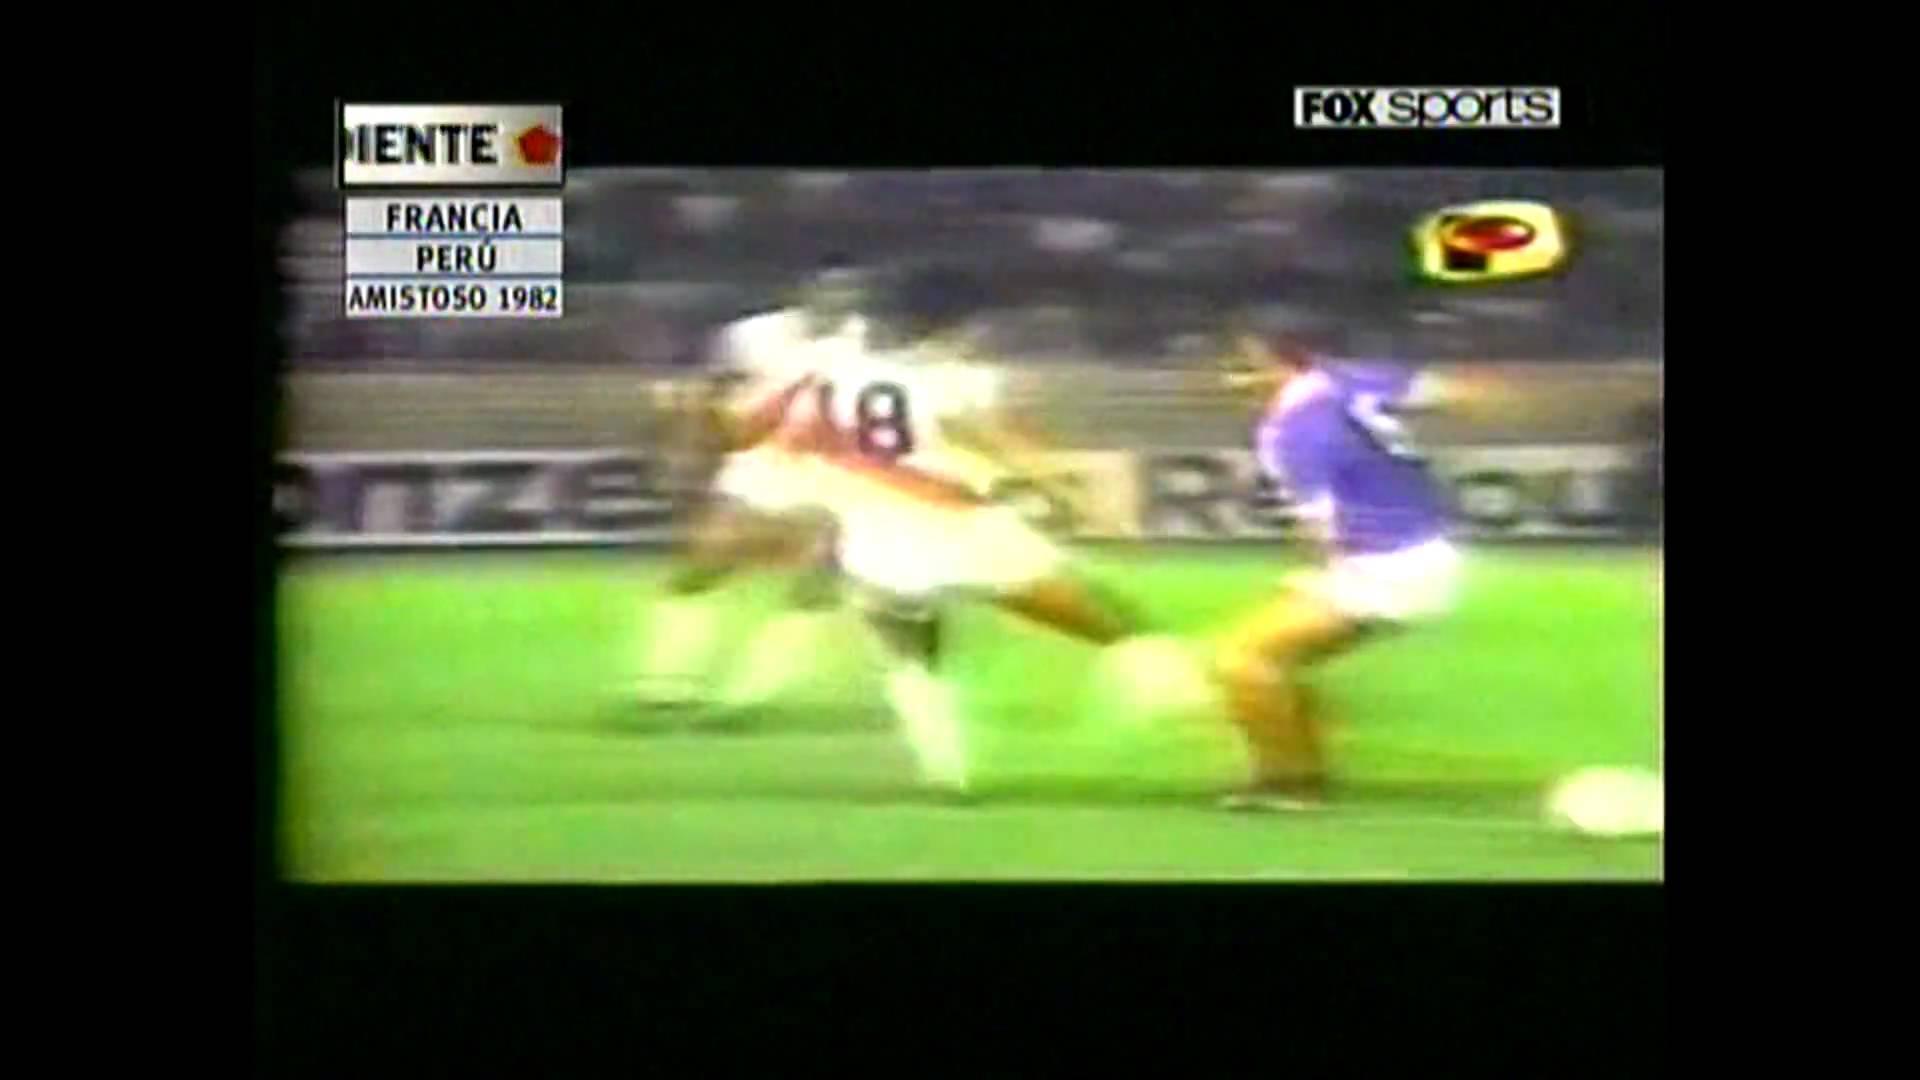 El único partido entre Perú y Francia que se ha disputado hasta ahora fue un amistoso. Triunfo de Perú con golazo de Juan Carlos Oblitas.